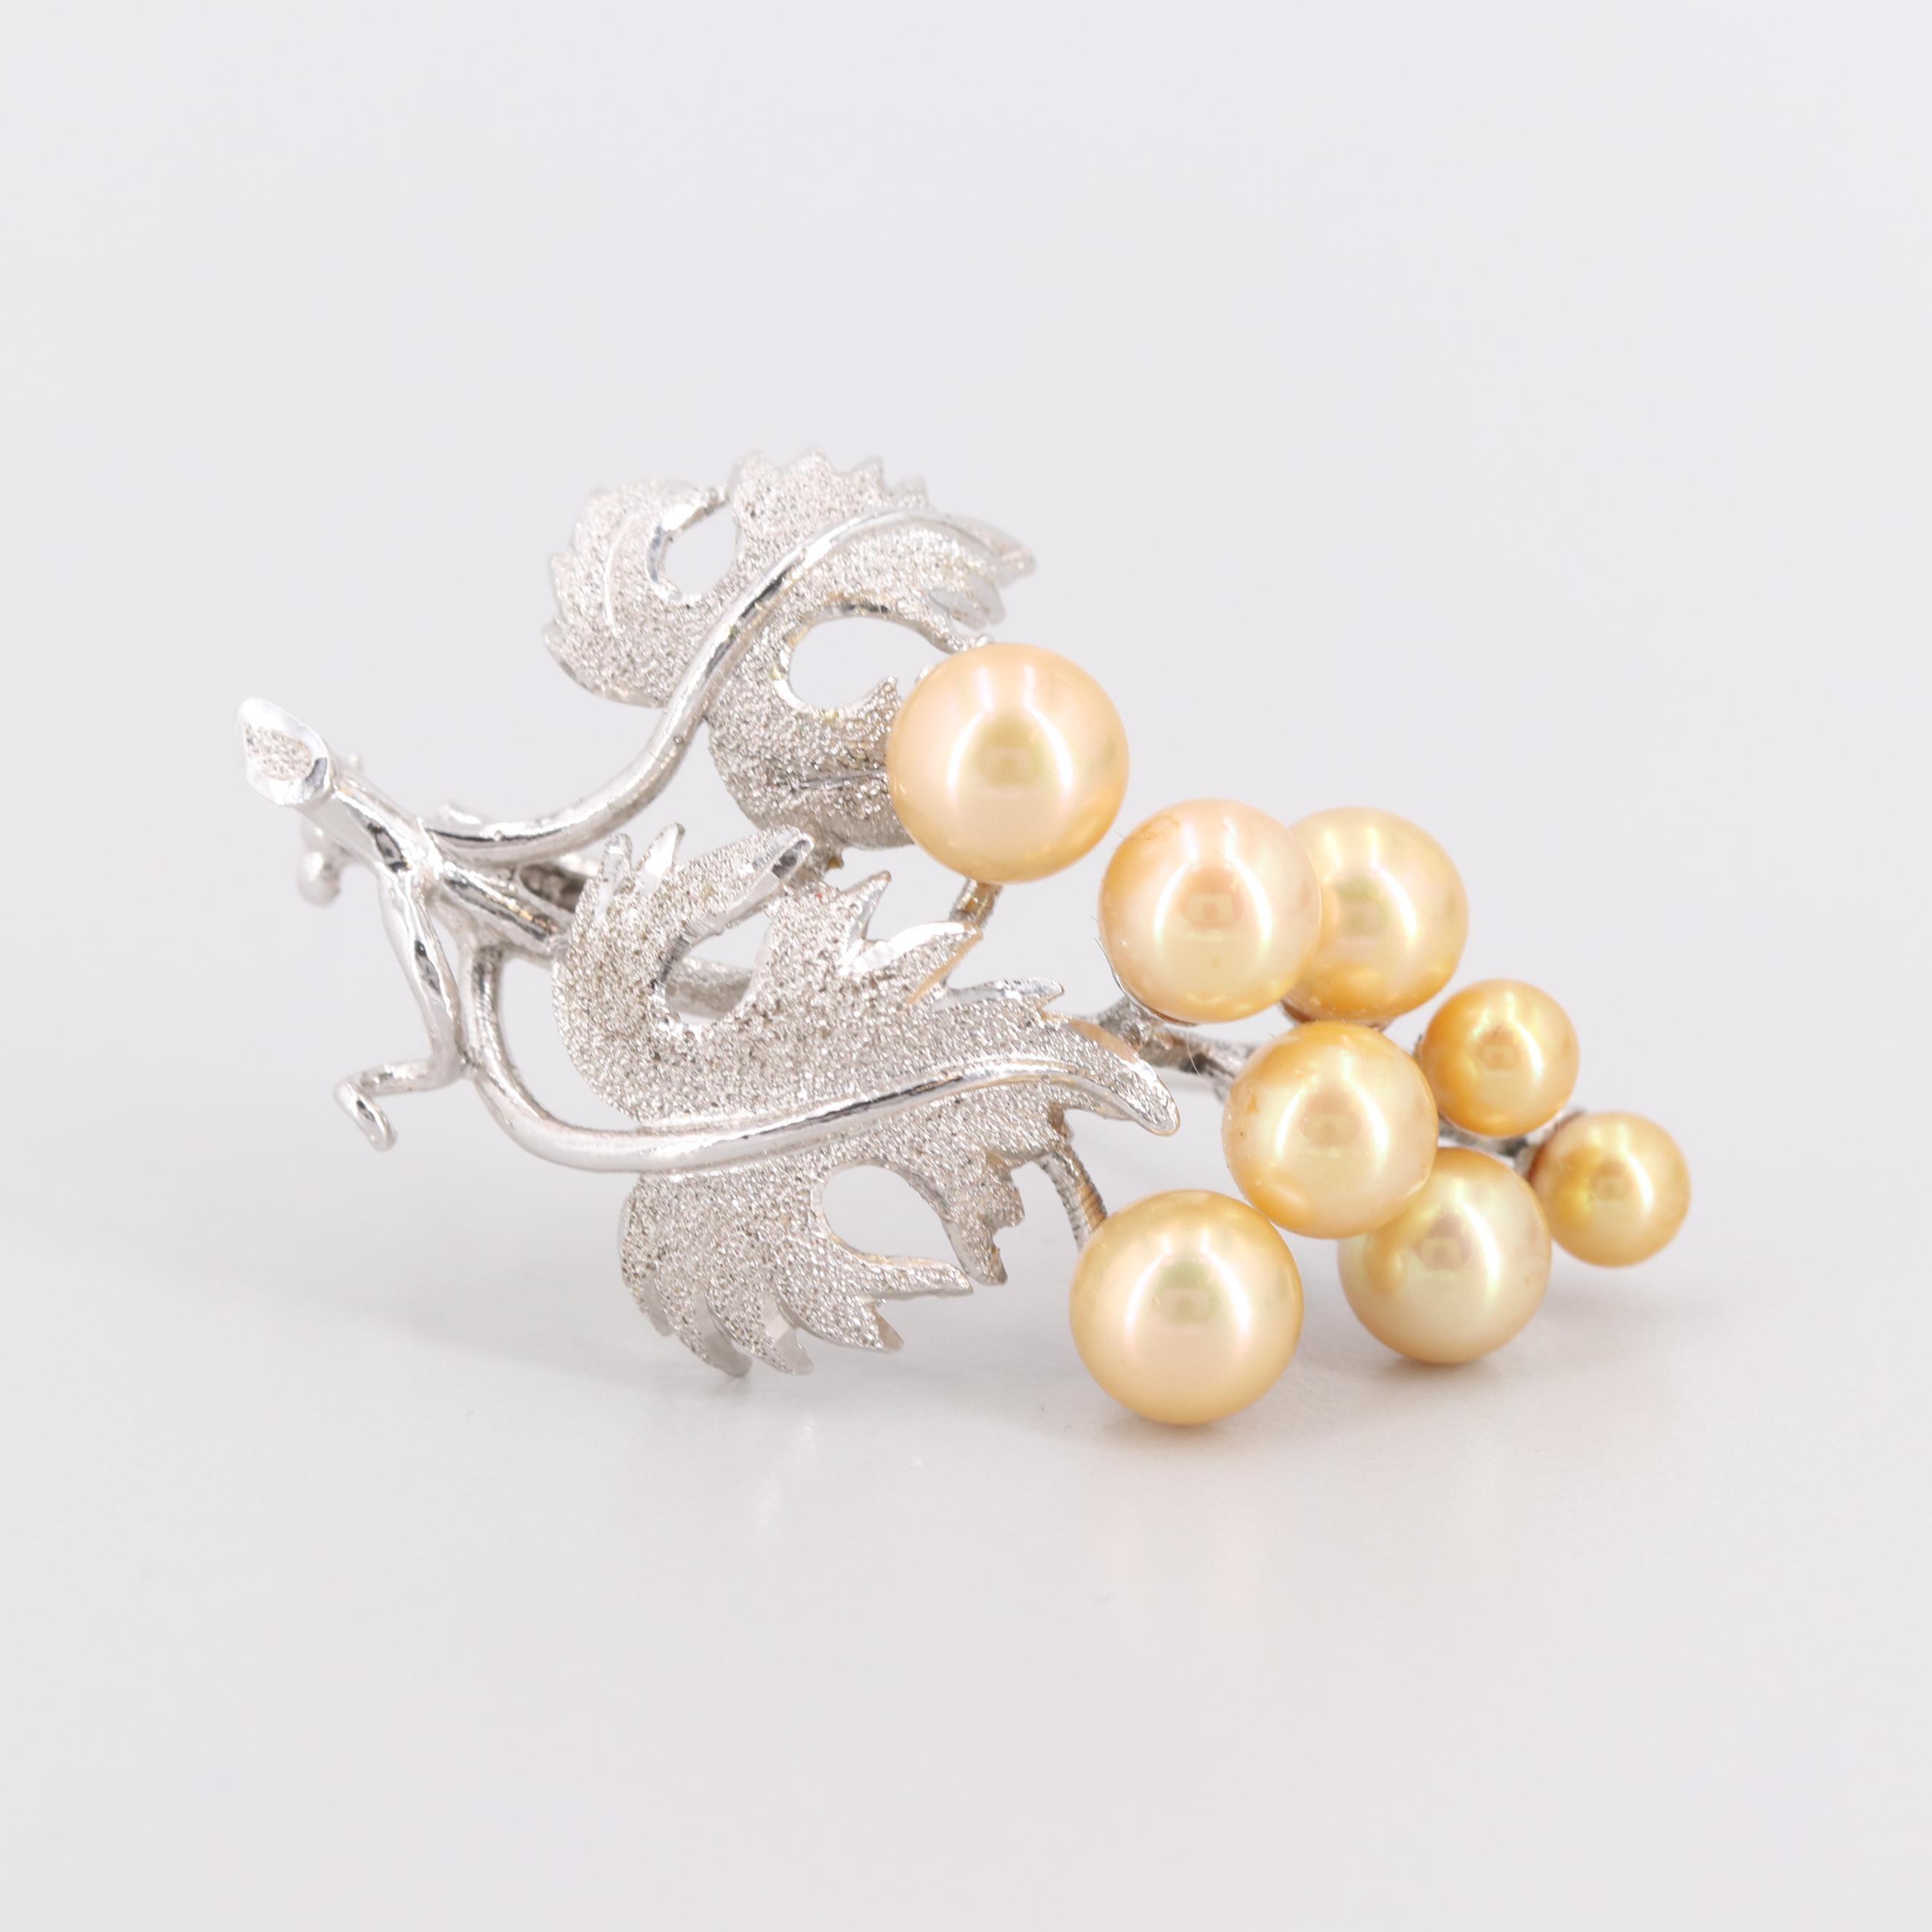 Silver Tone Imitation Pearl Leaf Motif Brooch